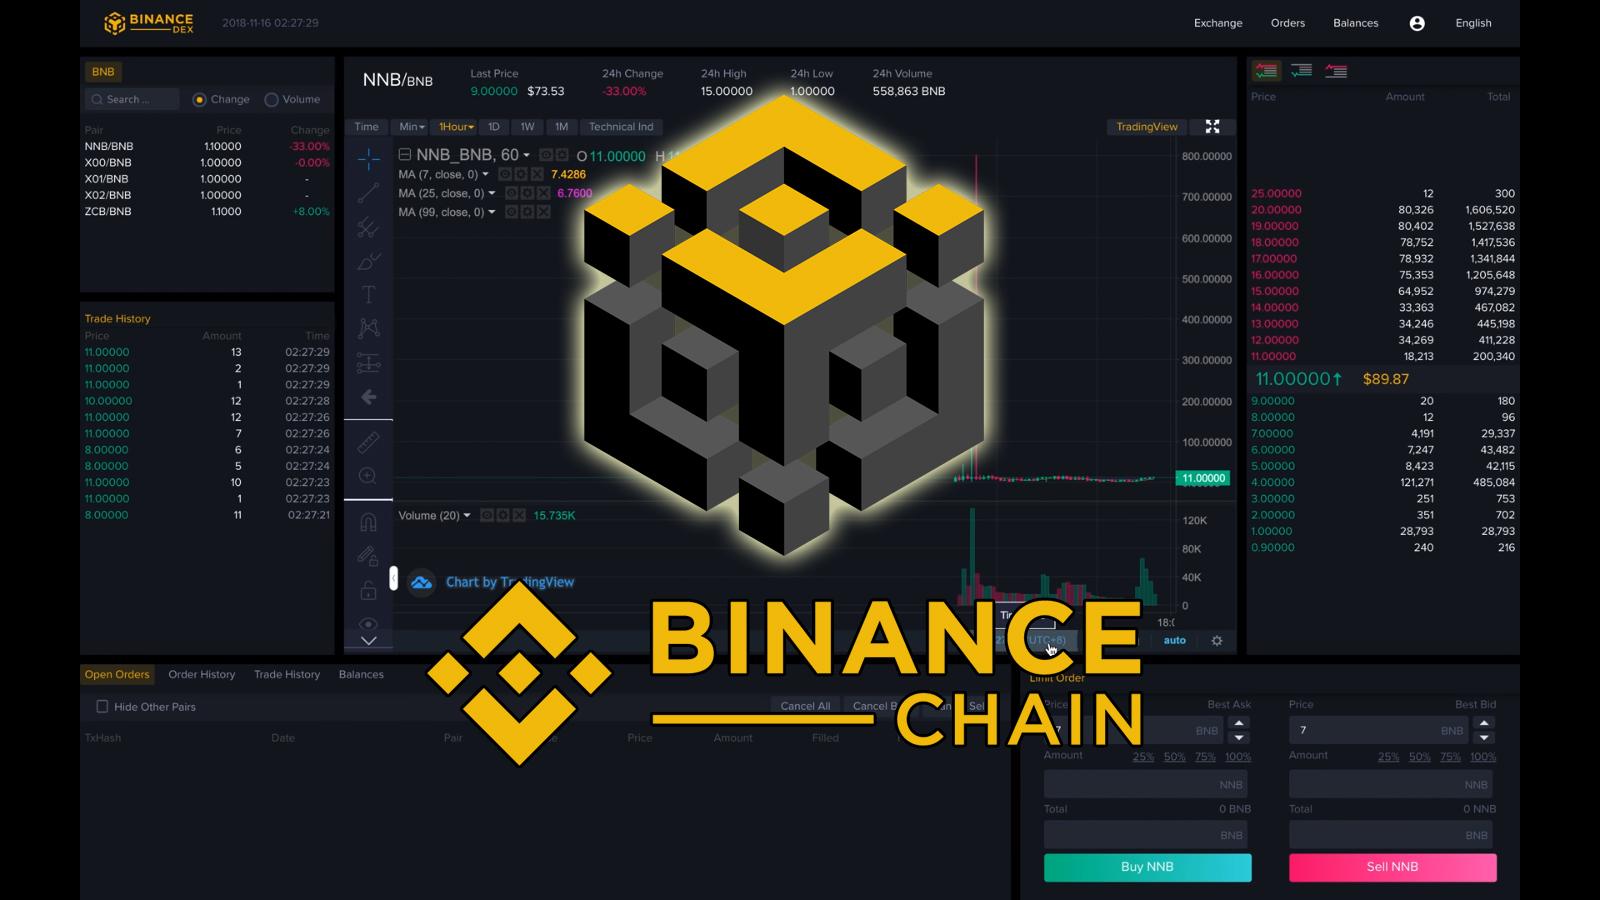 Binance ujawnia interfejs nowej, zdecentralizowanej giełdy